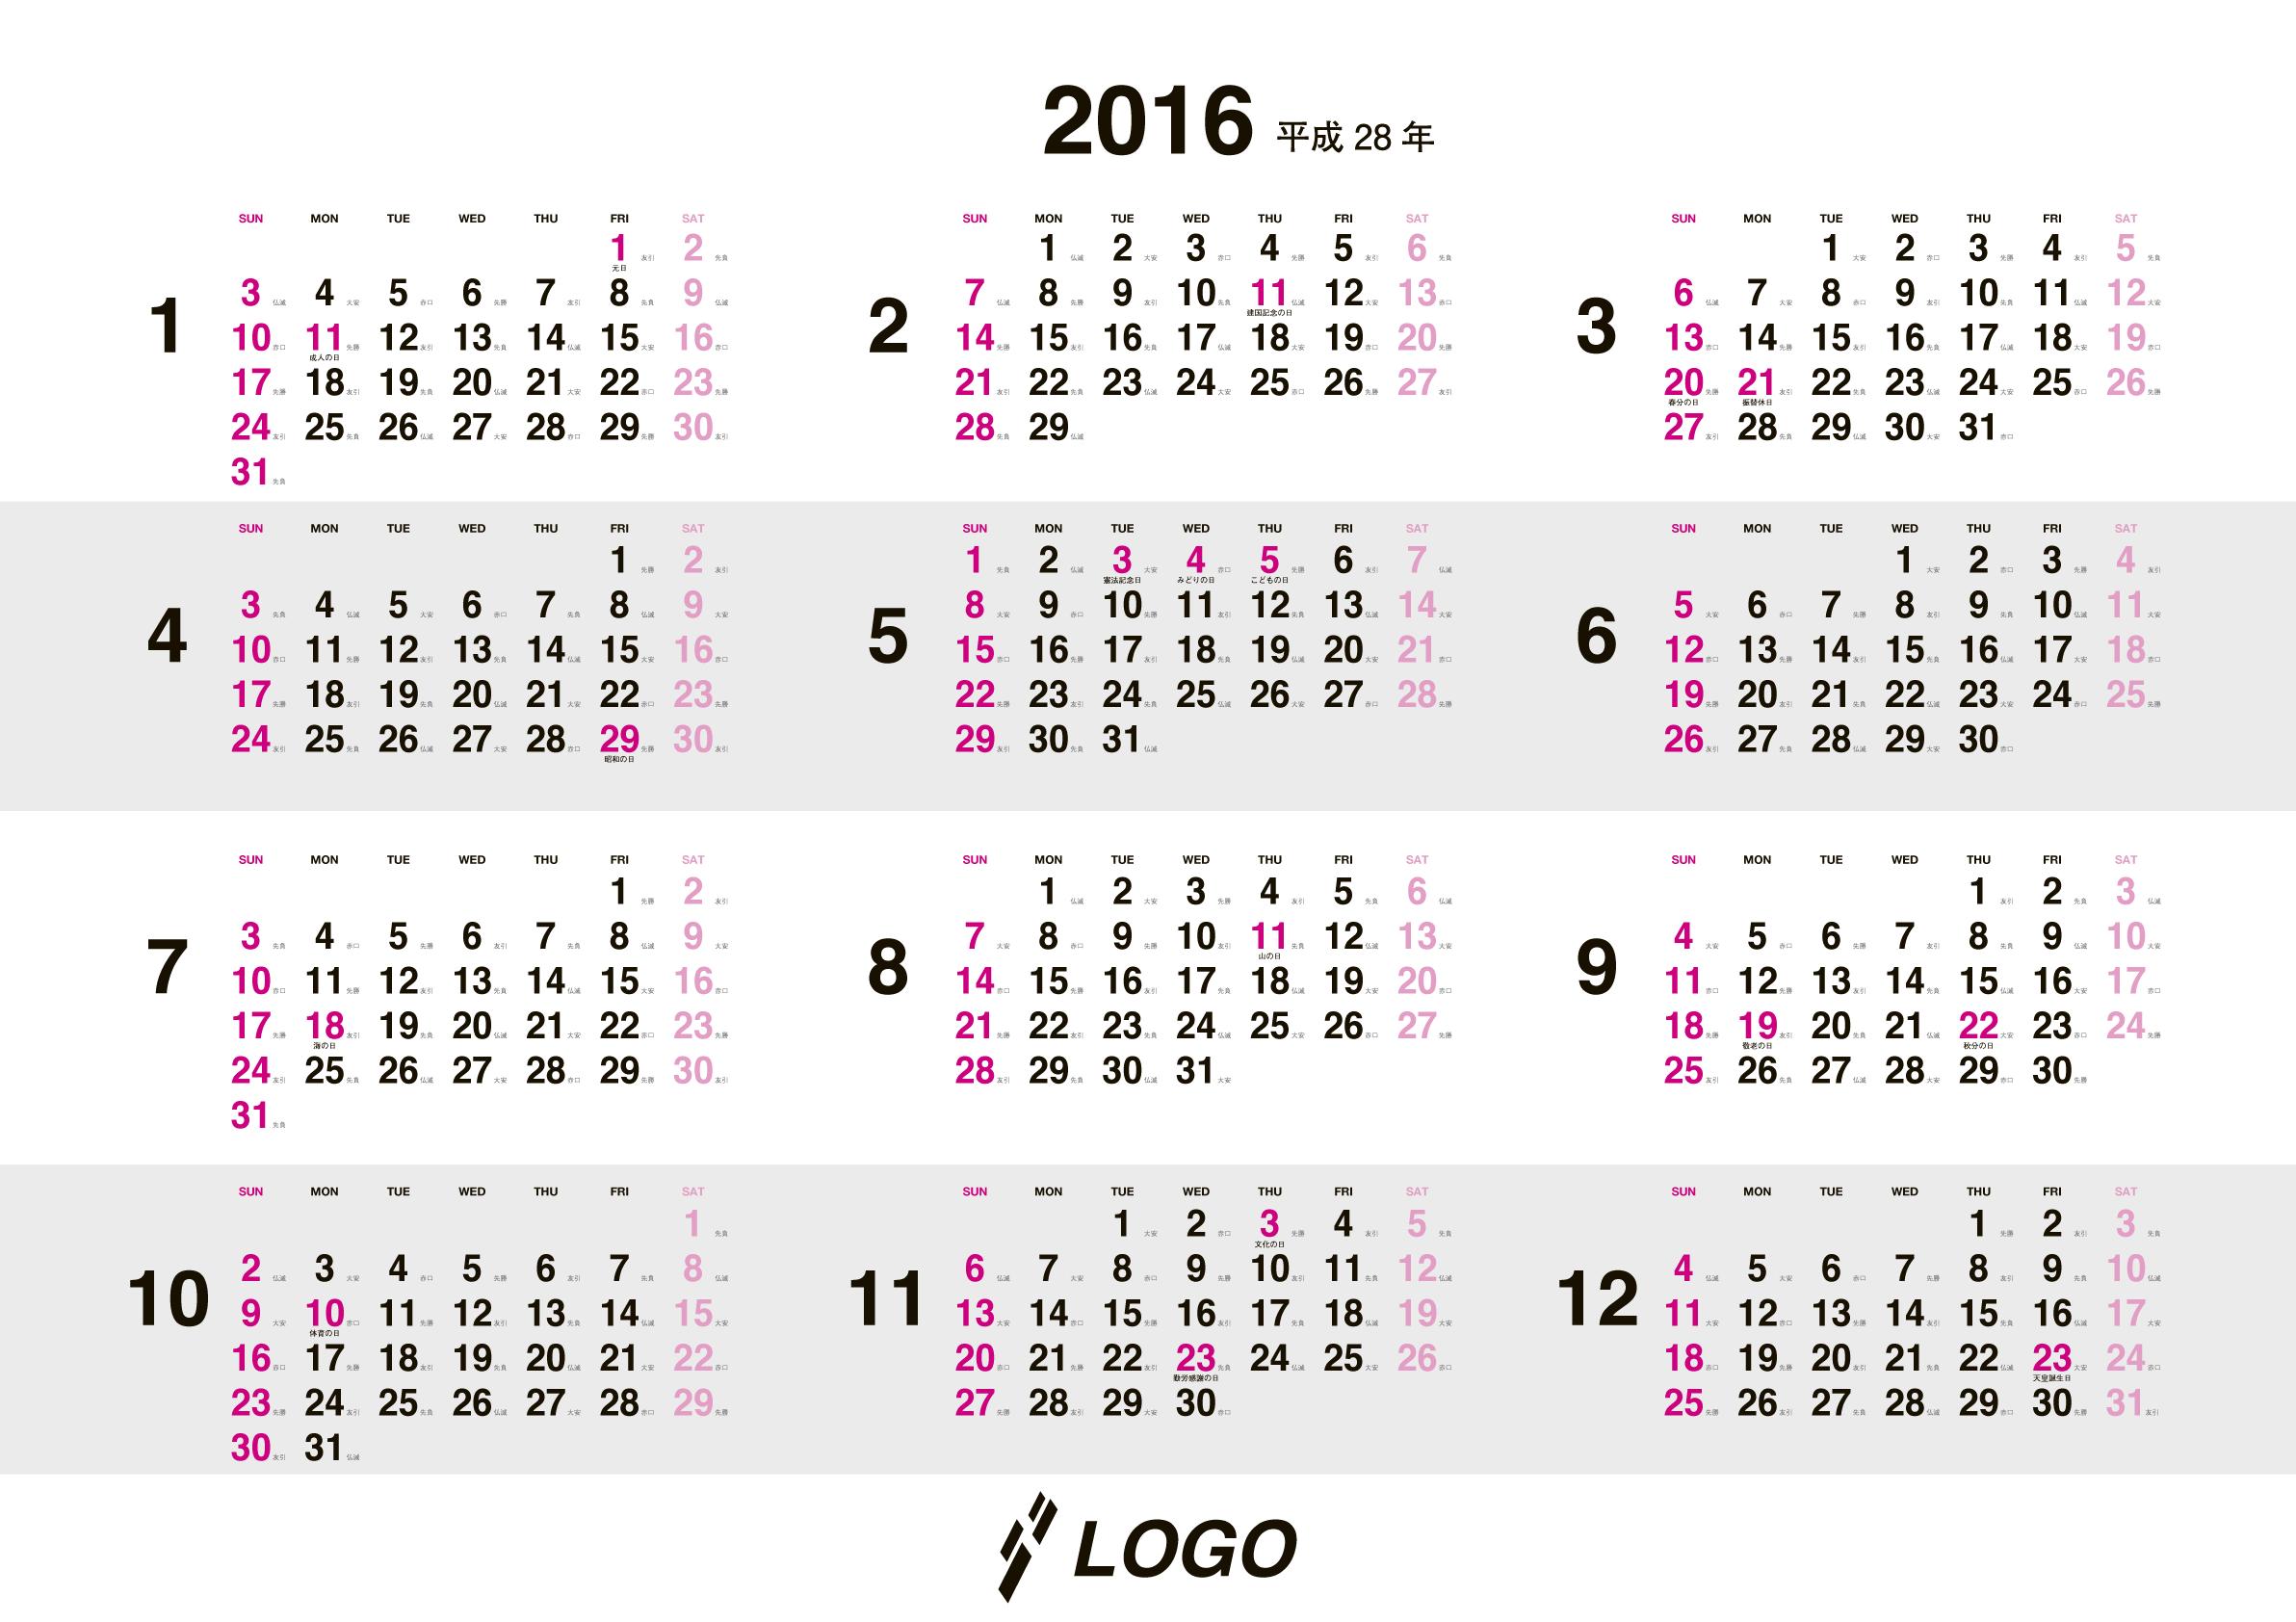 カレンダー カレンダー 2015 一月 : 大型年間カレンダー2016年版 ...